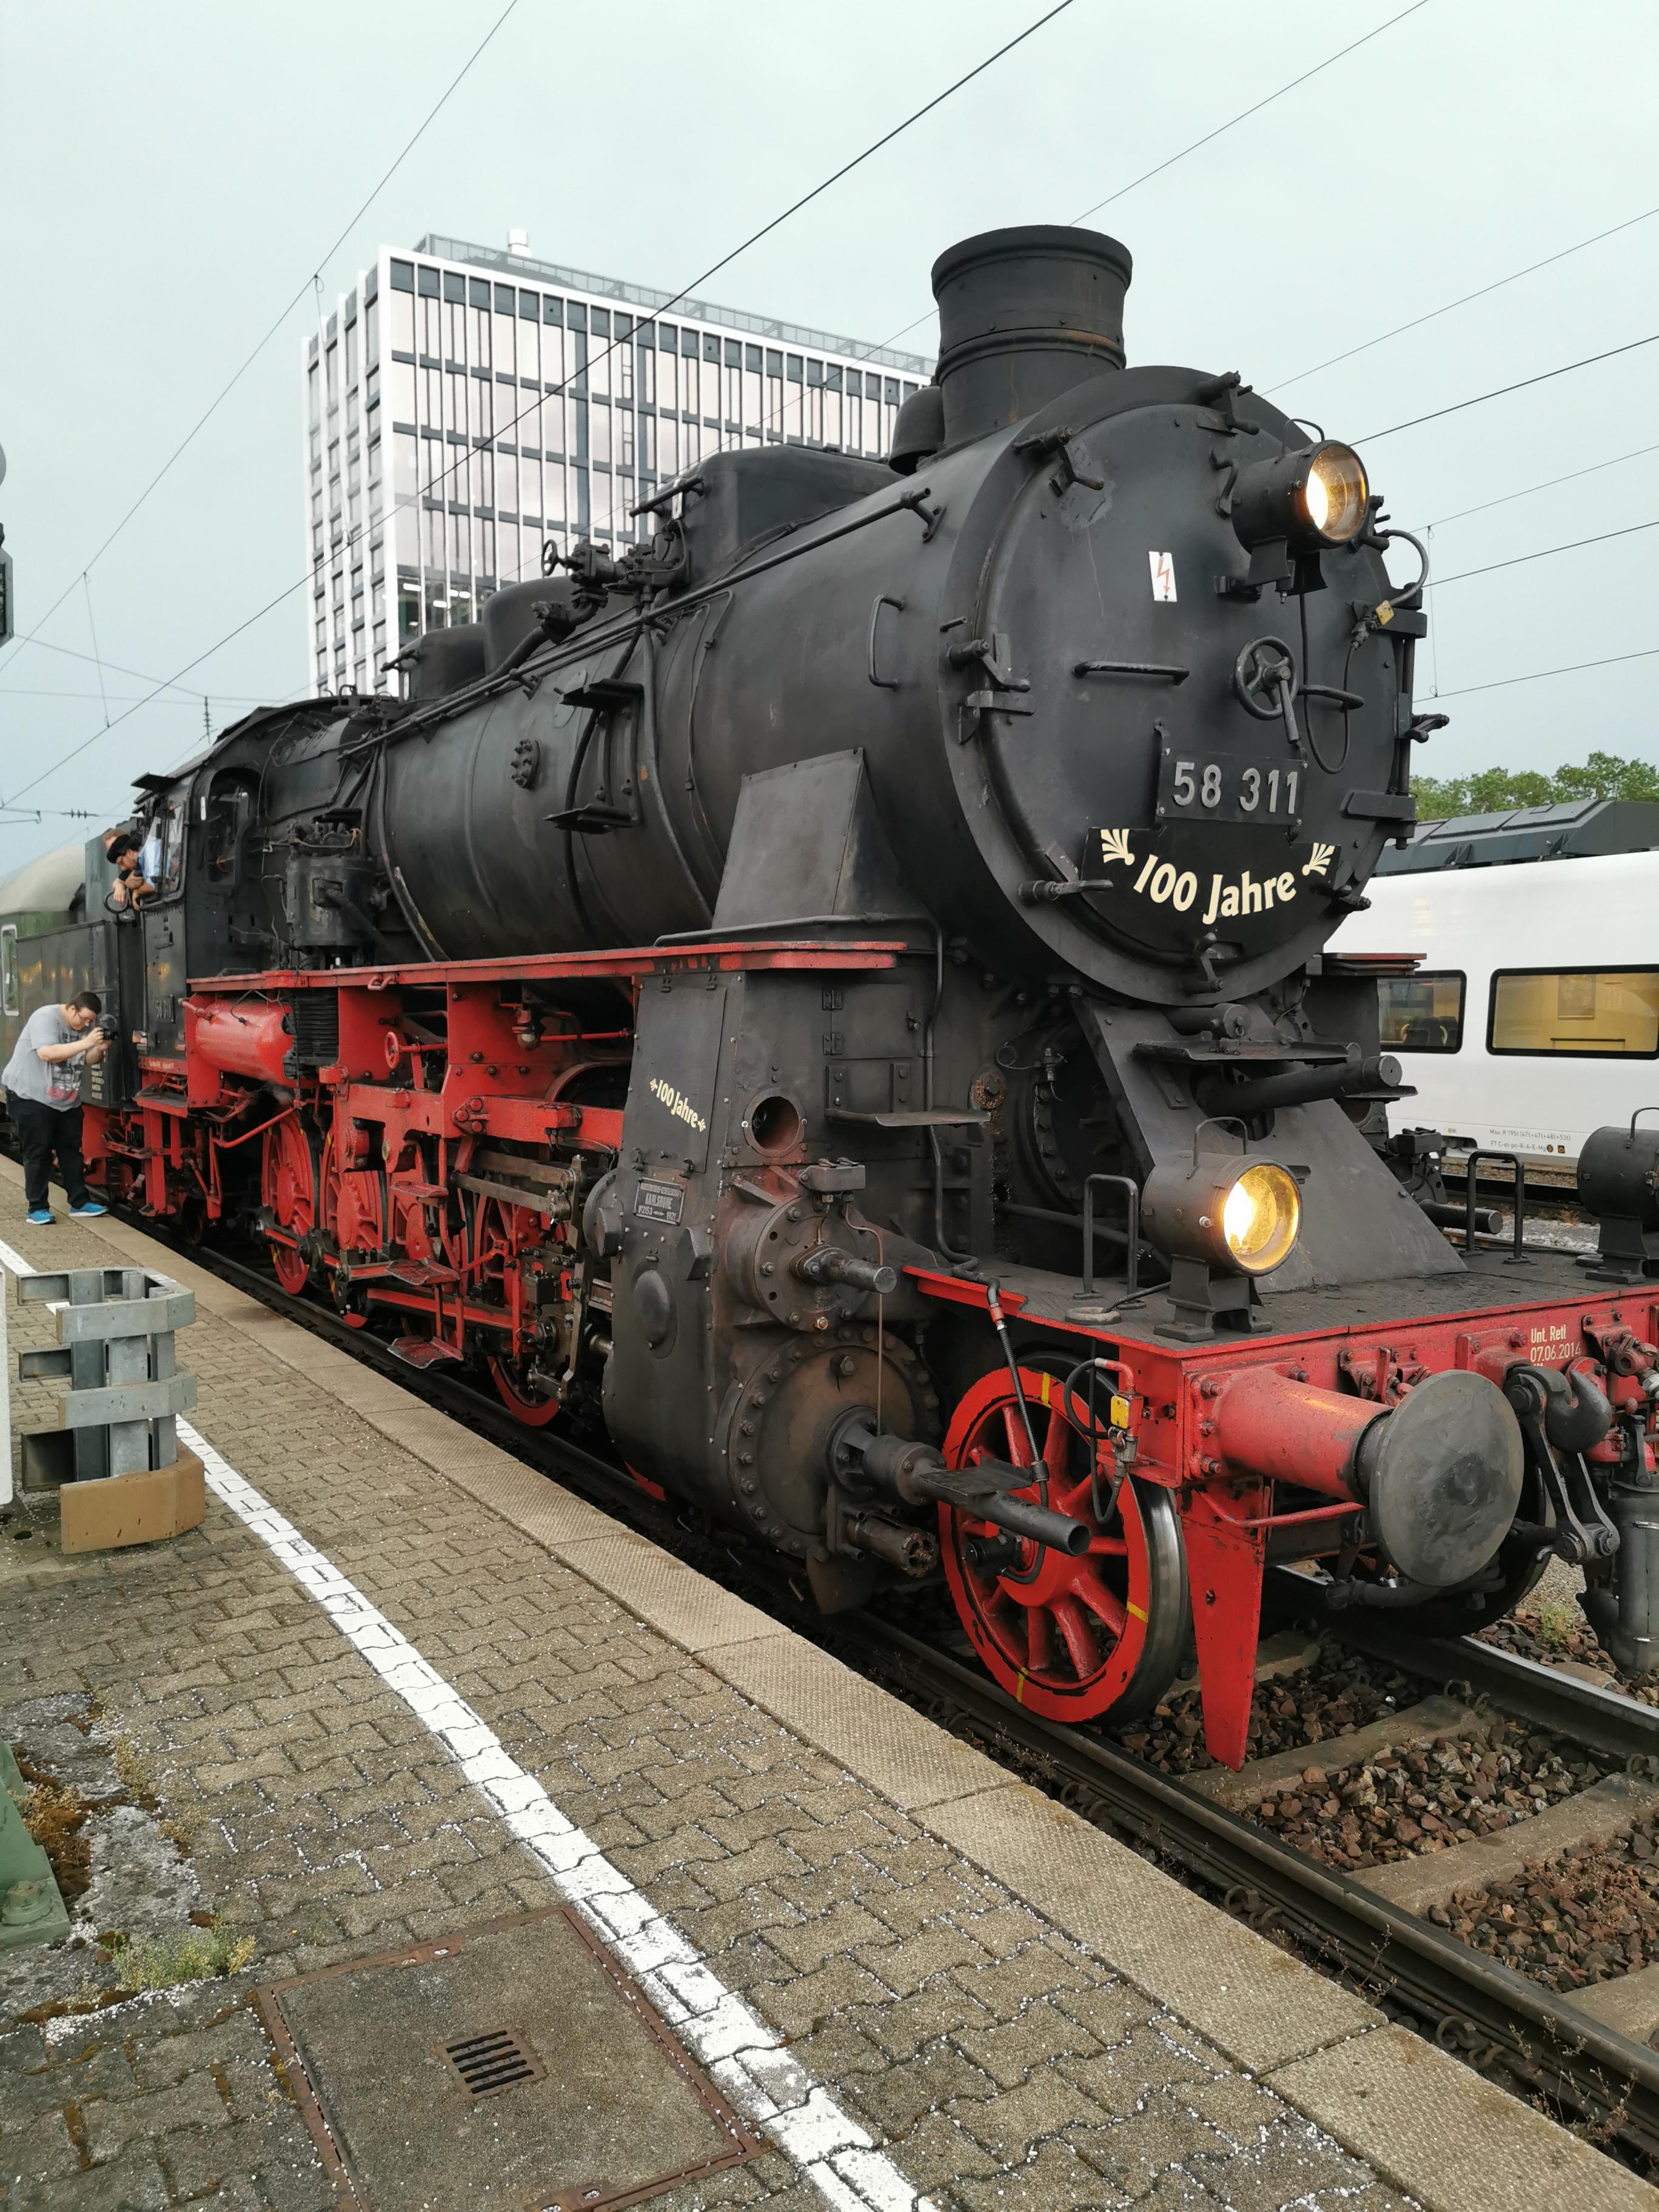 Dampflog58-311